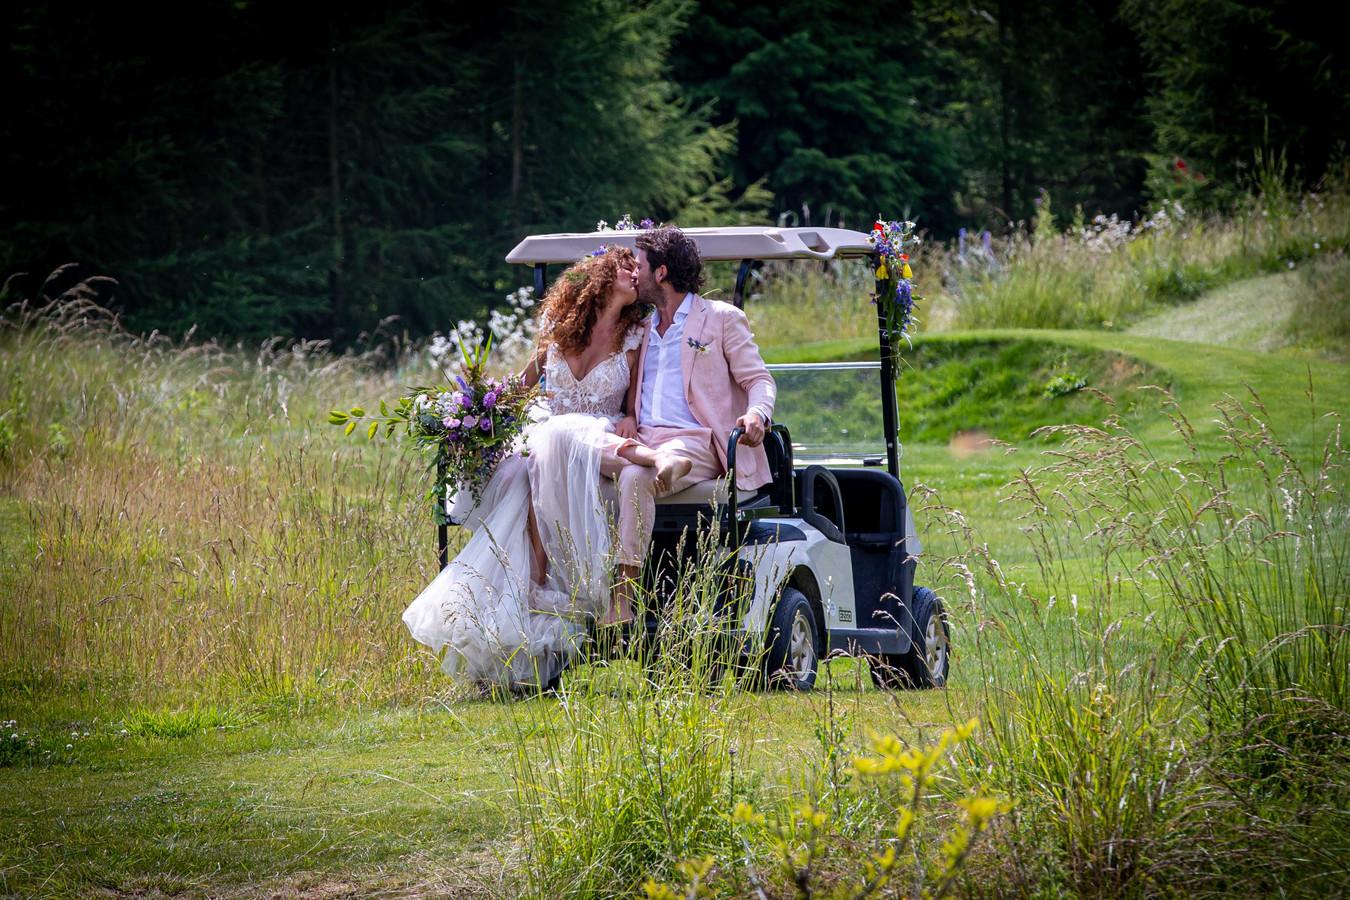 Katja Schuurman en Freek van Noortwijk zijn vrijdag al officieel getrouwd en vieren dat het hele weekend met familie en vrienden in de Noordoostpolder.